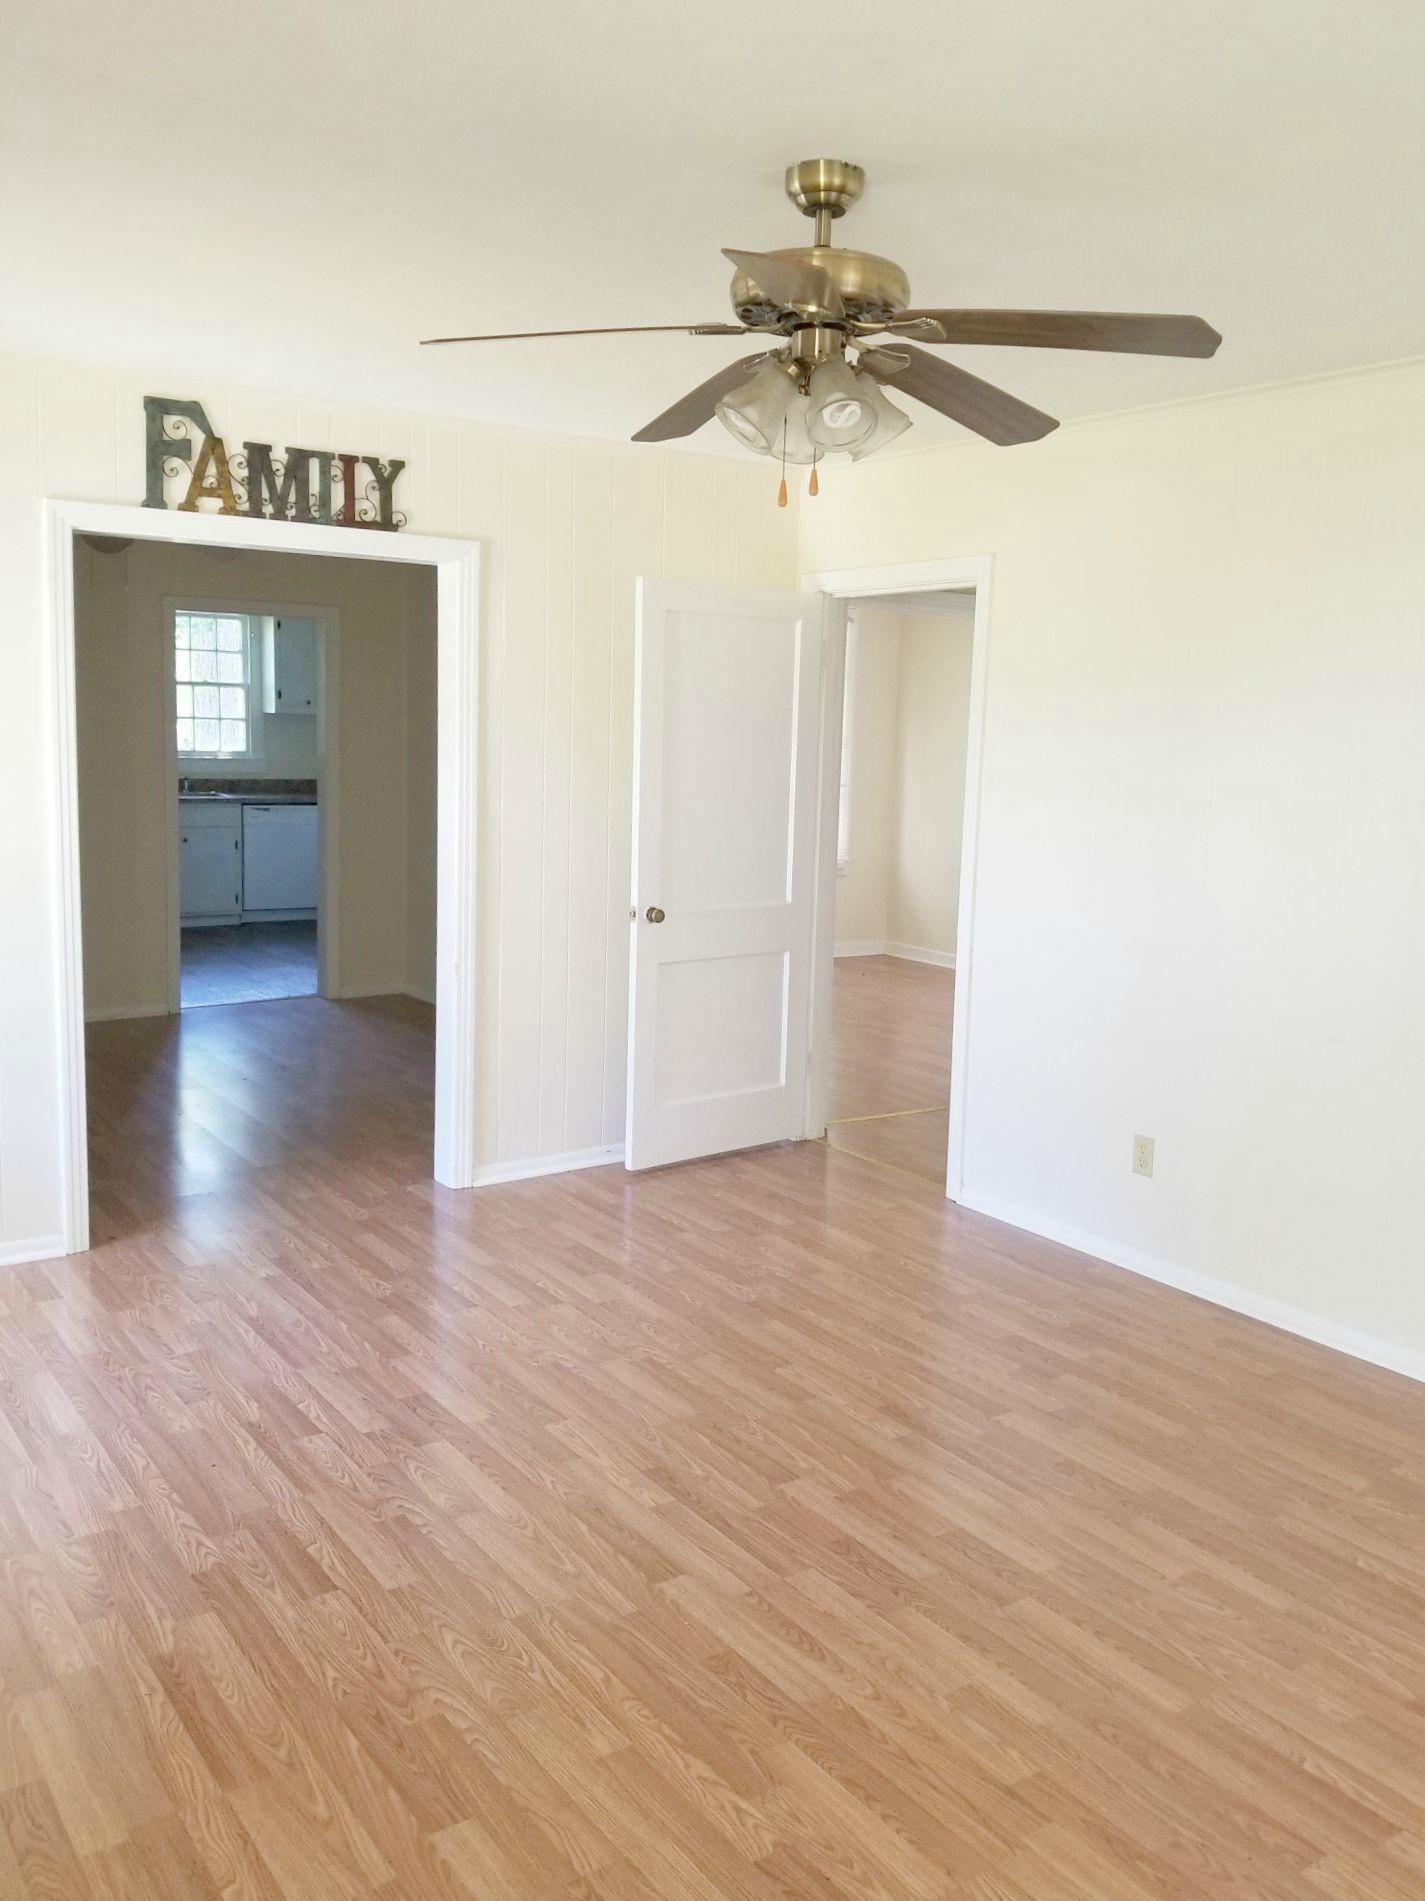 Leesville home for sale, 1007 Marvin Ave, Leesville LA - $69,500